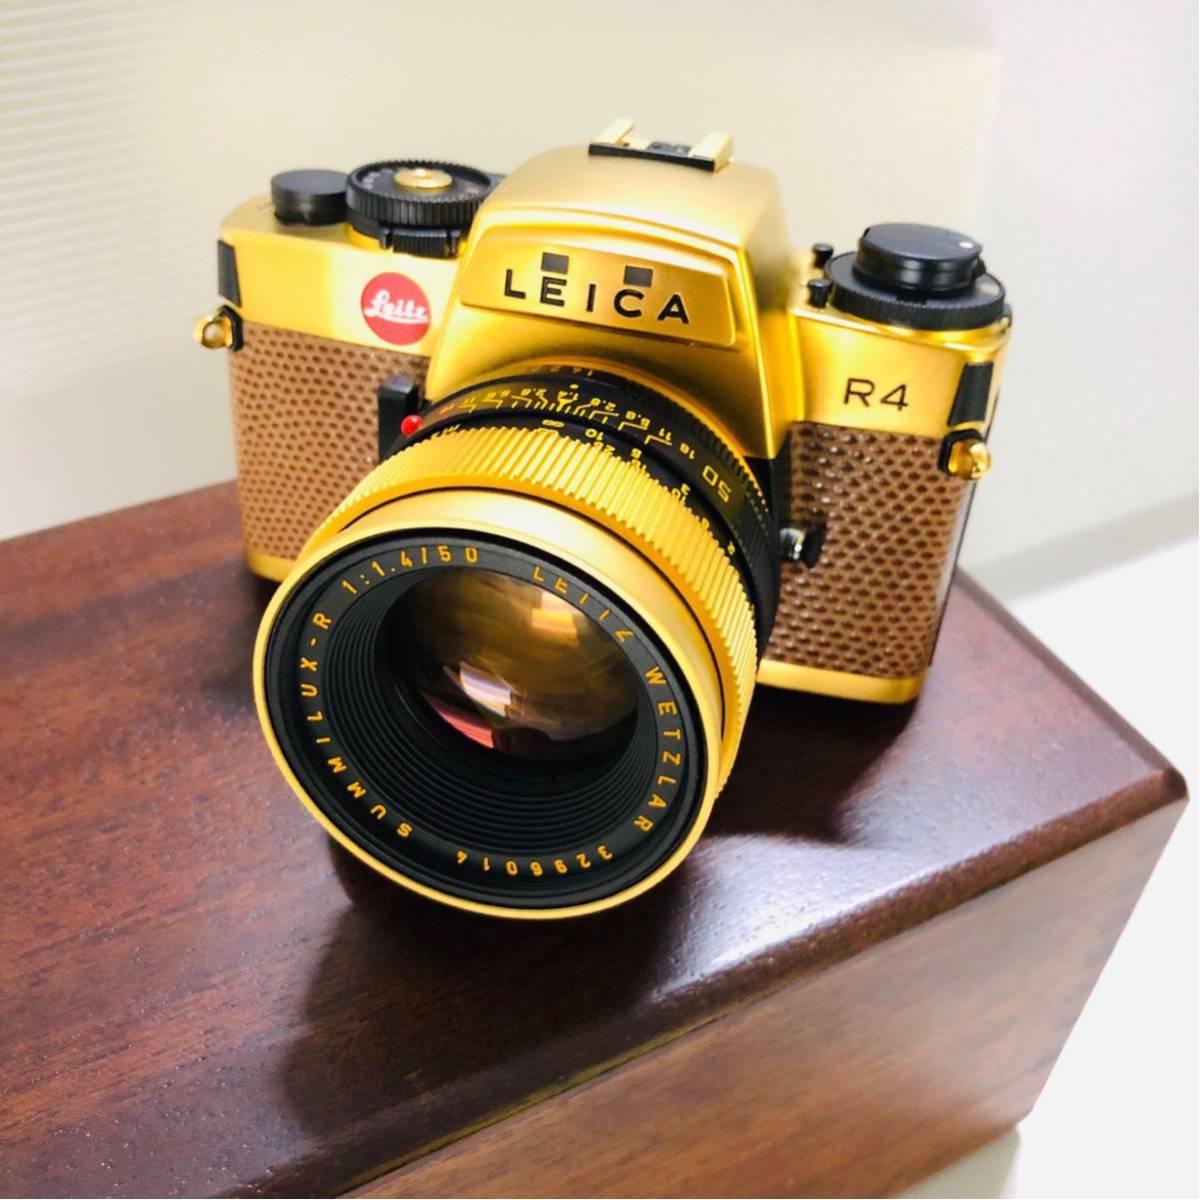 【極美品】Leica R4 SUMMILUX-R 1:1.4 50 LEITZ WETZLAR カメラ 希少_画像3